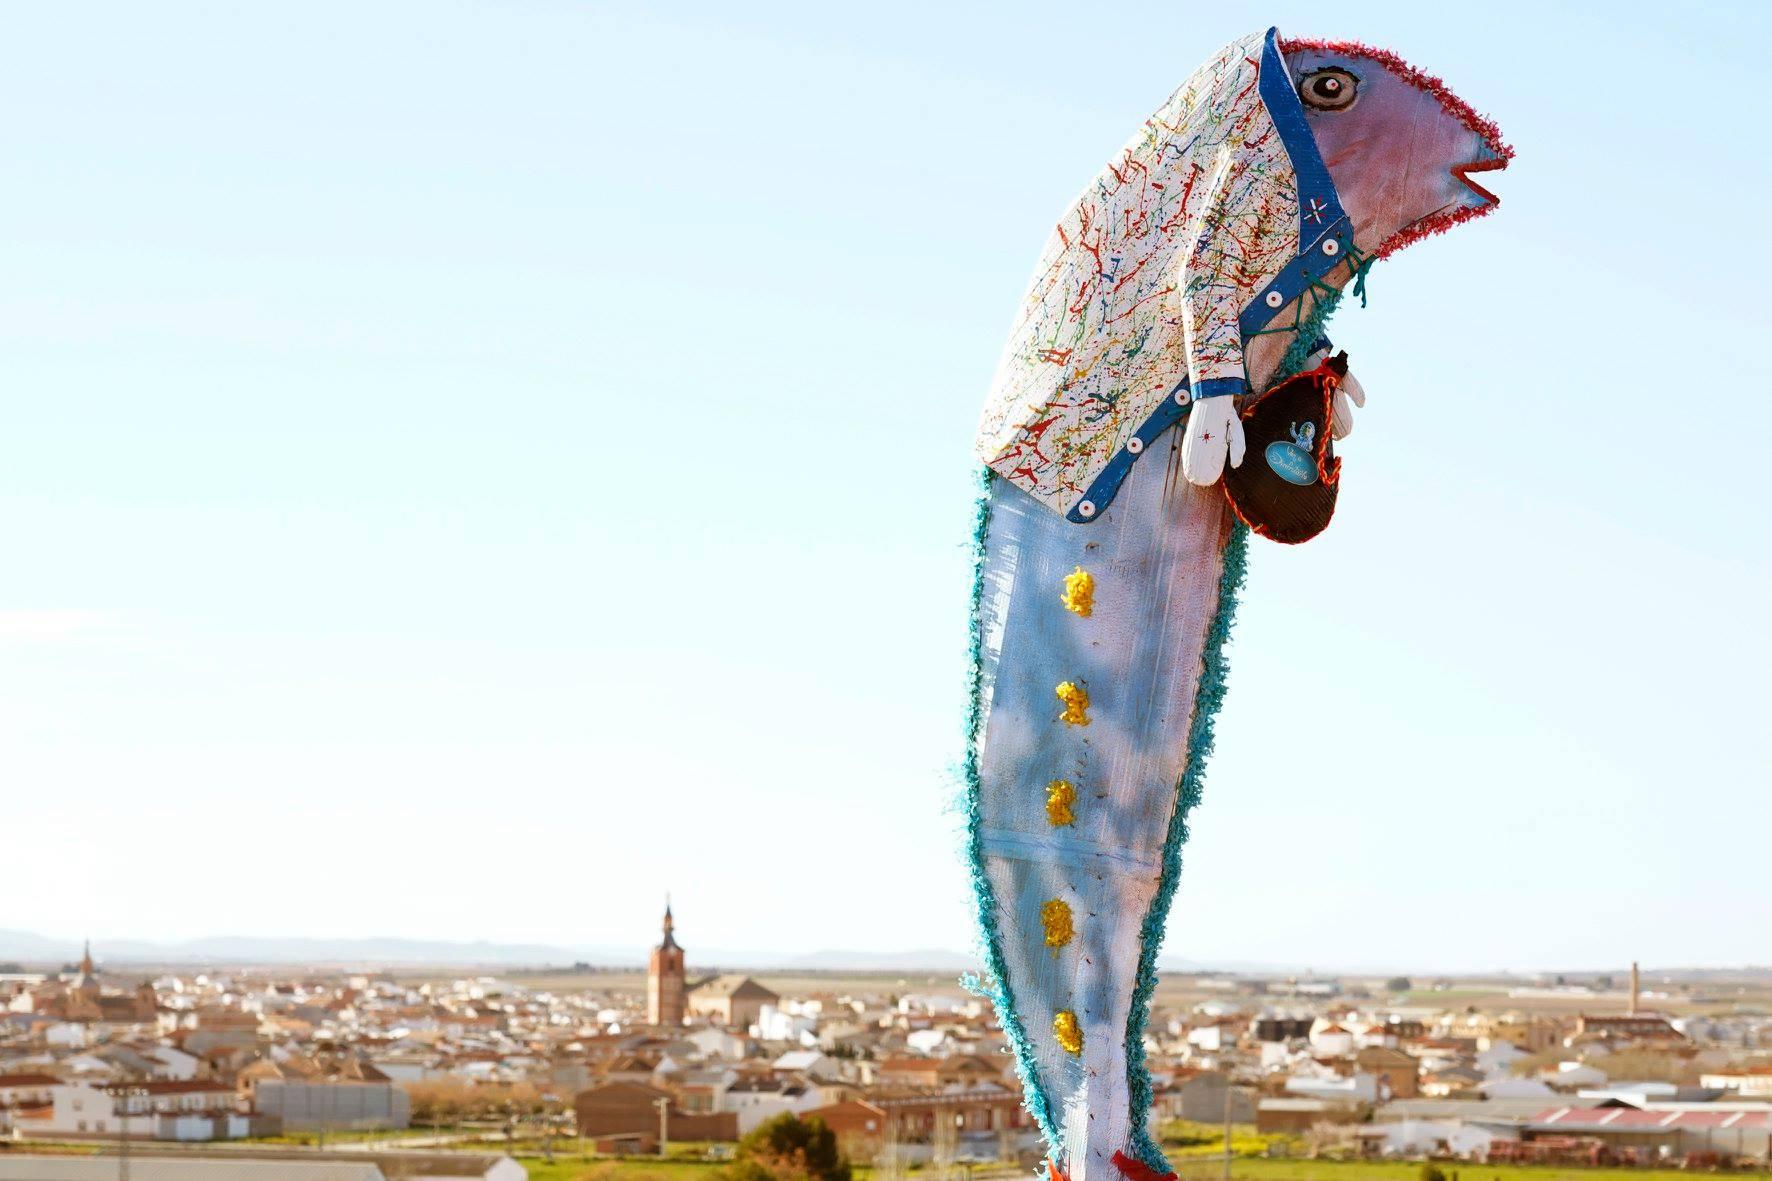 Carnaval de Herencia 2020 entierro sardina 8 - El Entierro de la Sardina 2020 del Carnaval de Herencia